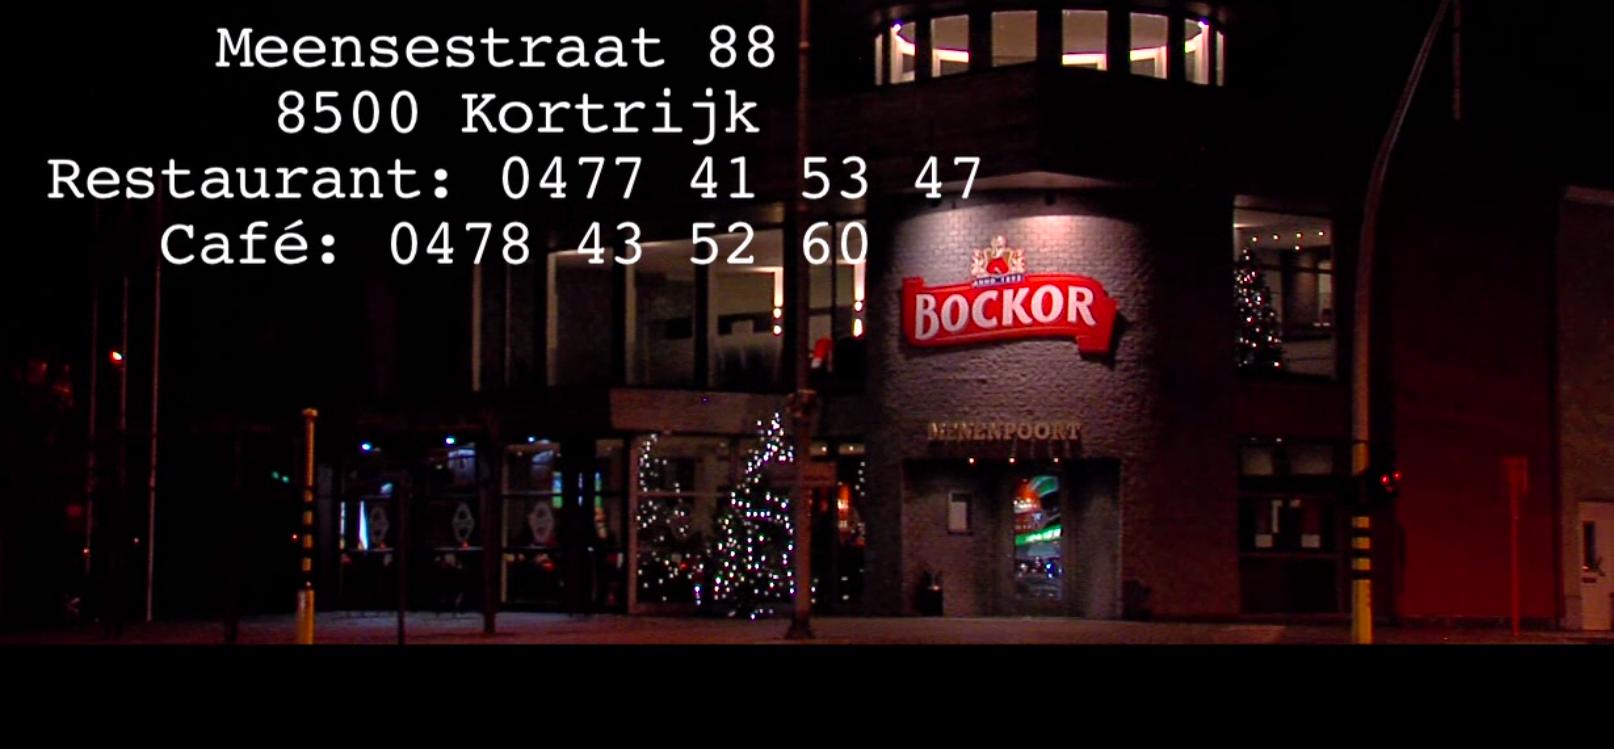 De menenpoort frans restaurant kortrijk 8500 - Eigentijds restaurant ...